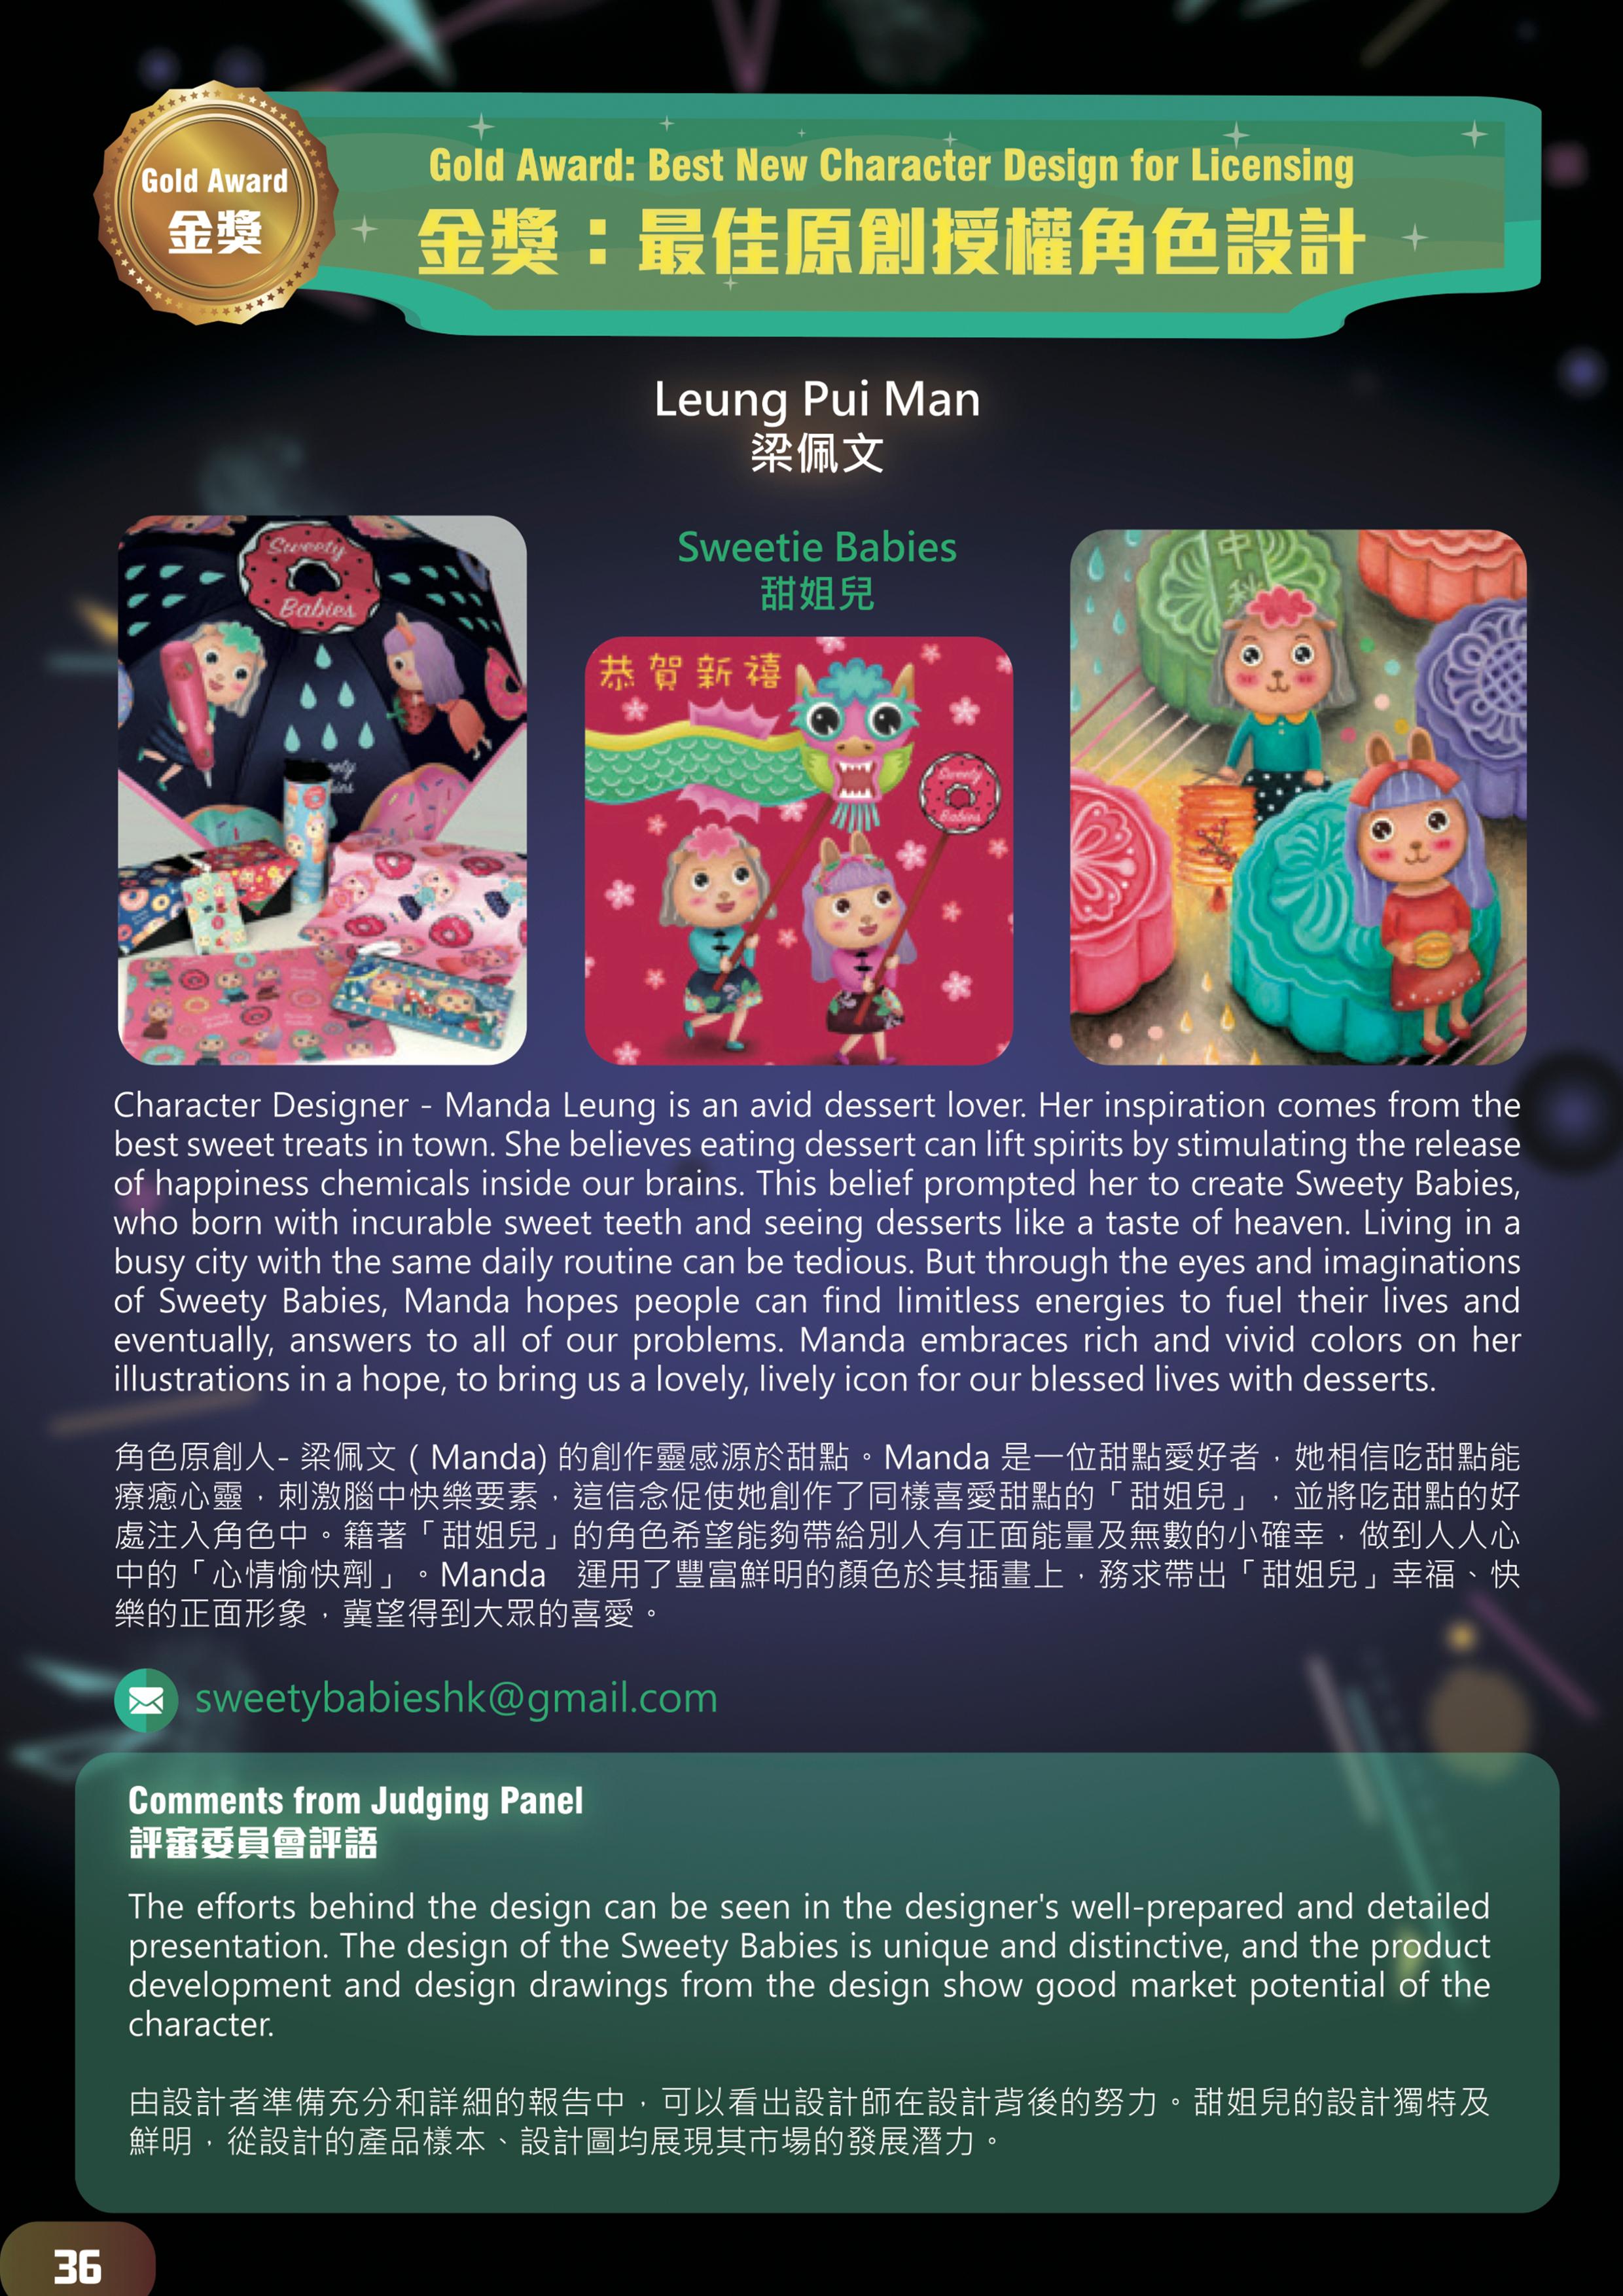 HK Licensing Awards 2018